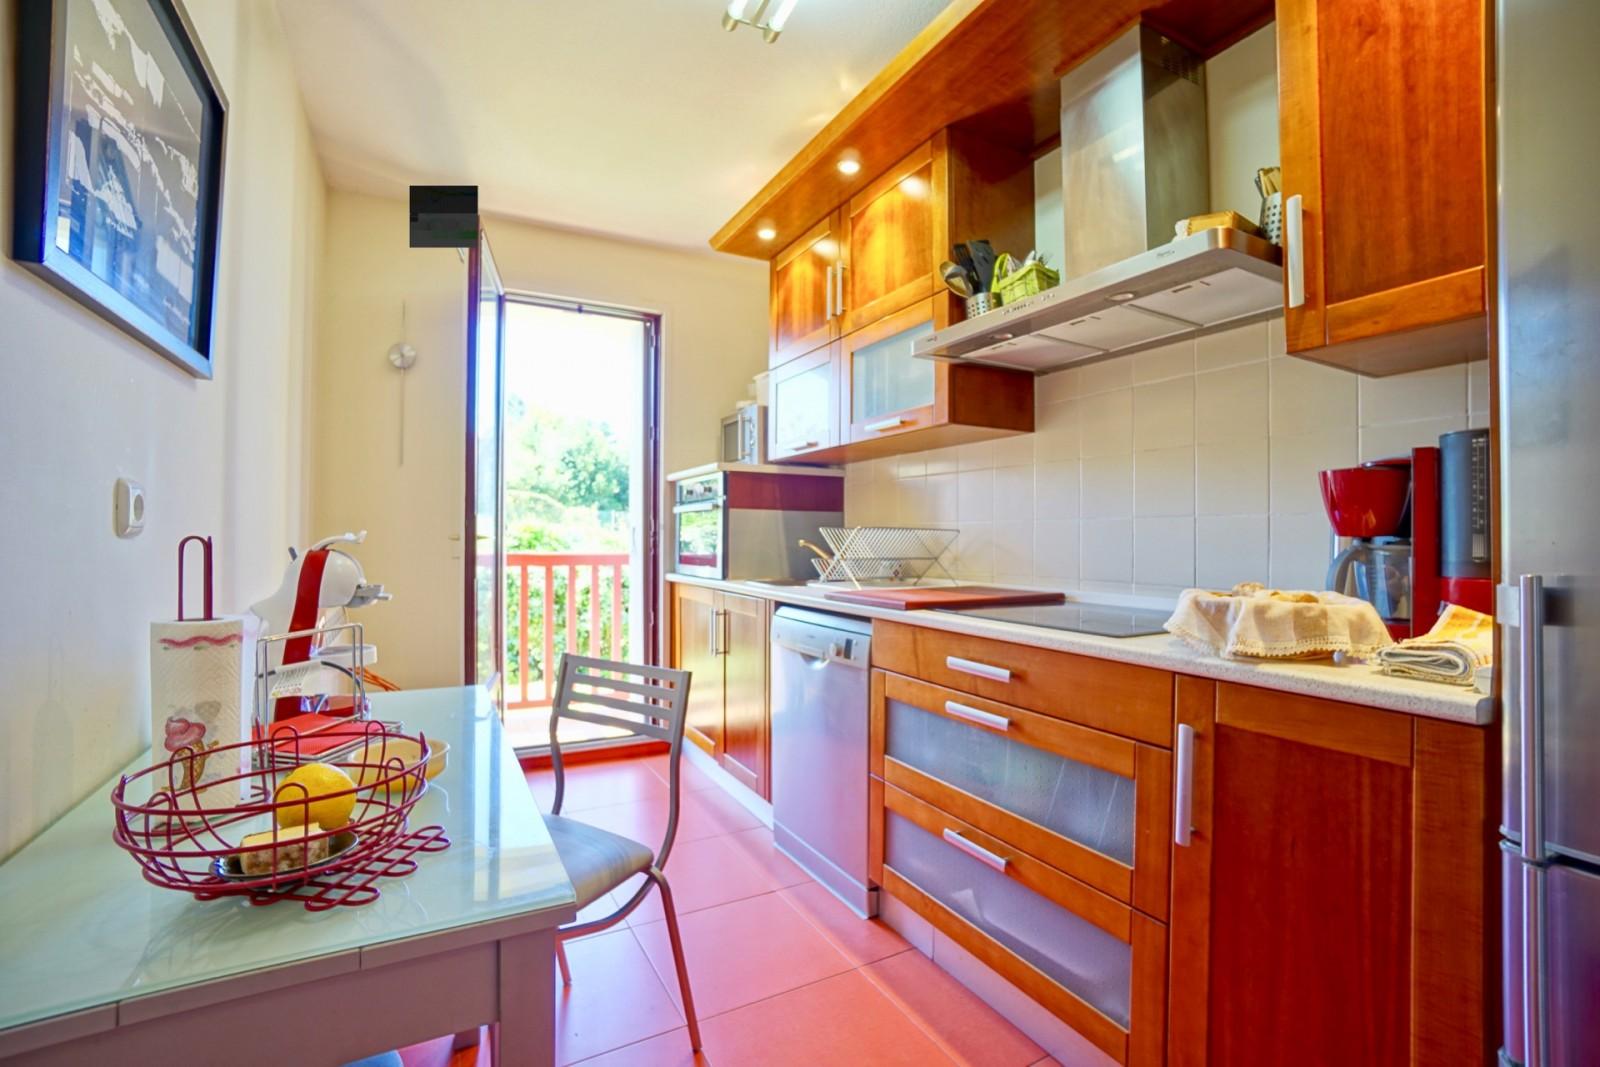 #BC4408 LE CALME À LA CHAMBRE D'AMOUR Agence OLAIZOLA Location  2893 plage de la petite chambre d'amour anglet 1600x1067 px @ aertt.com